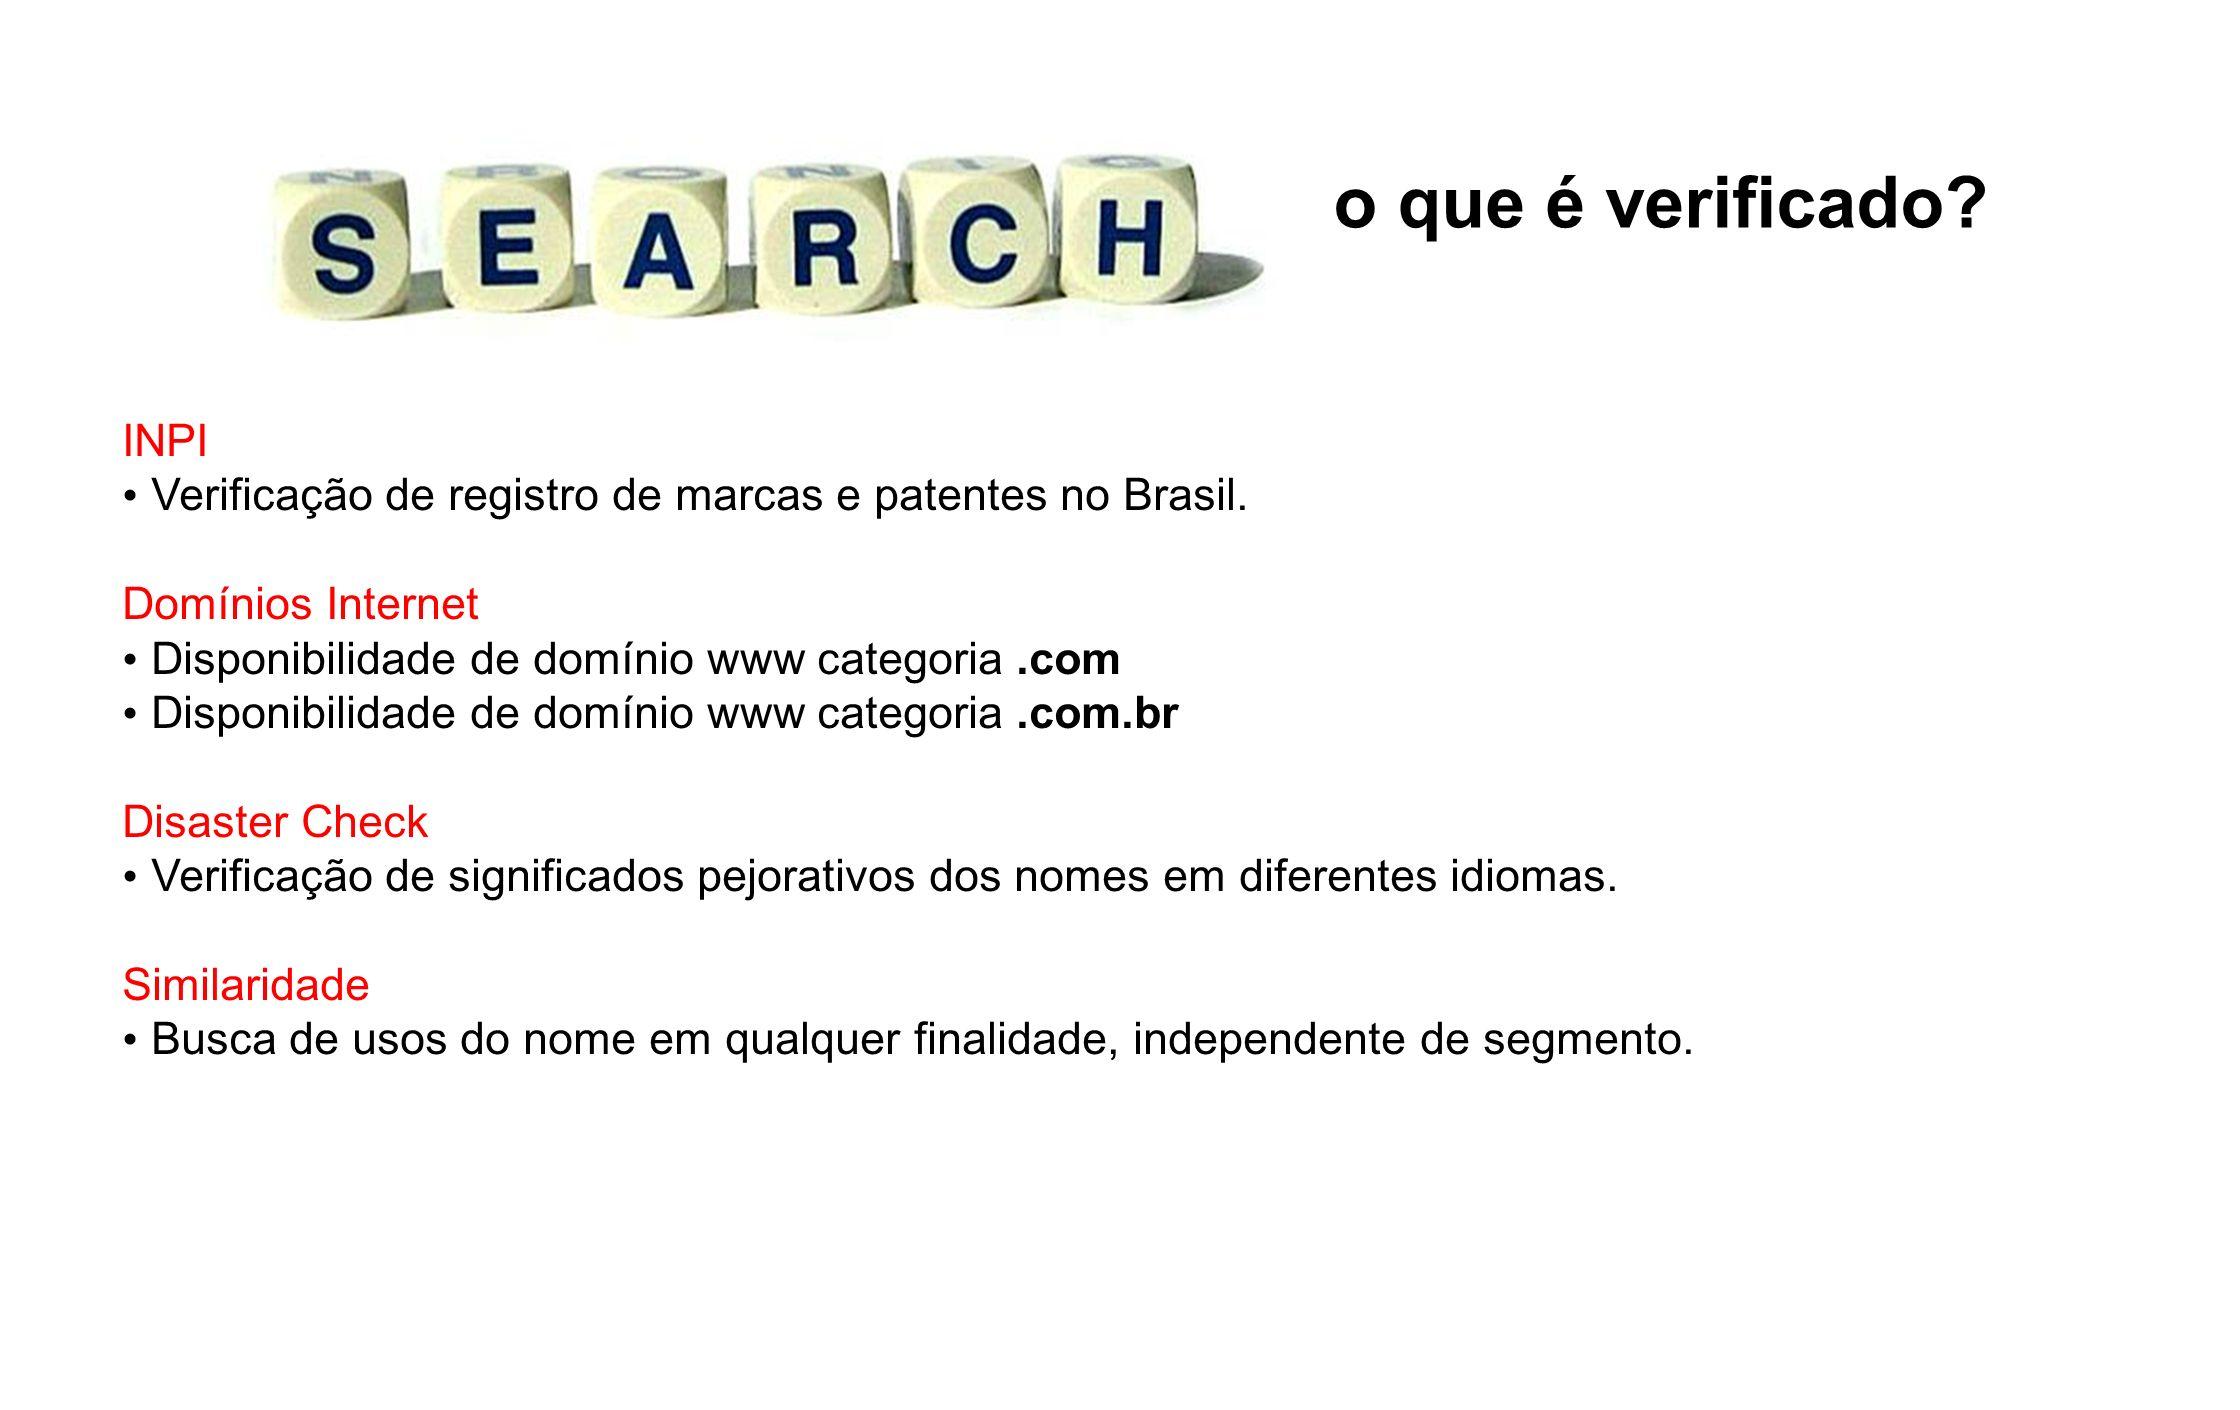 o que é verificado INPI. Verificação de registro de marcas e patentes no Brasil. Domínios Internet.